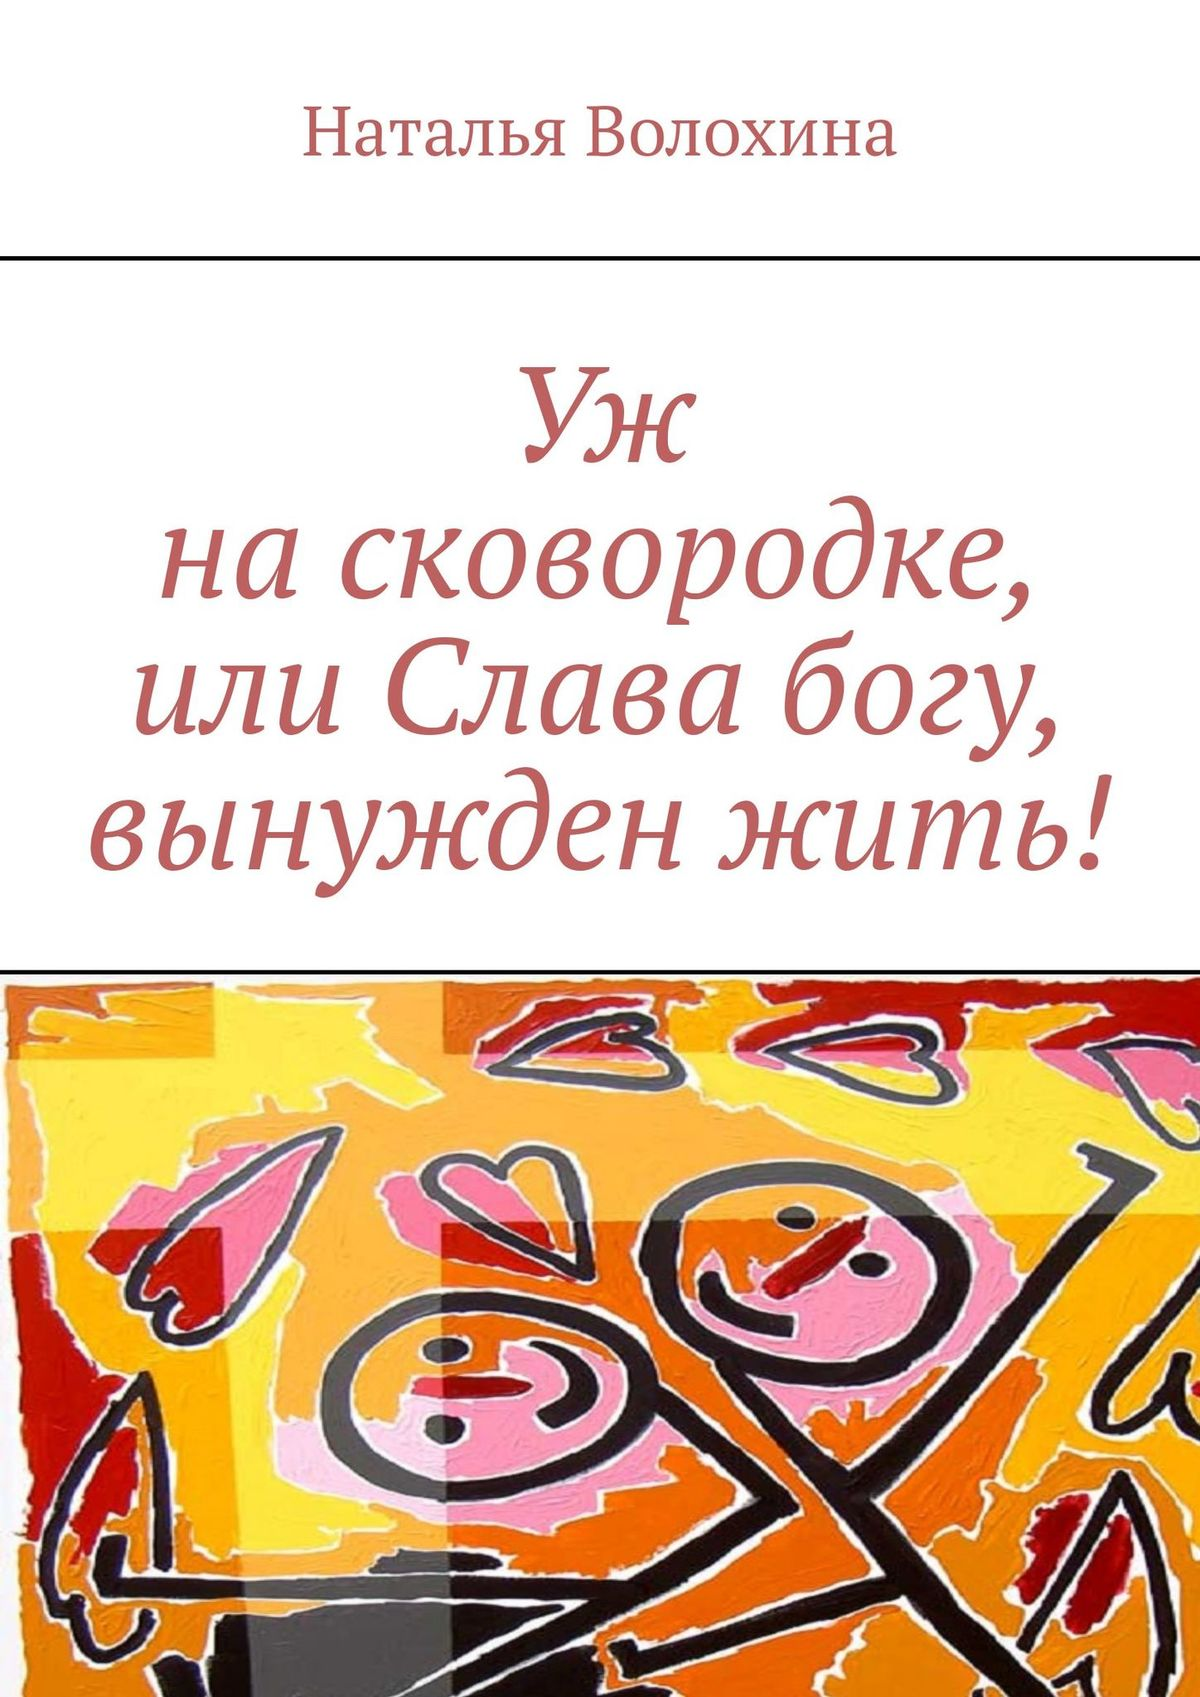 все цены на Наталья Волохина Уж насковородке, или Слава богу, вынужденжить! онлайн